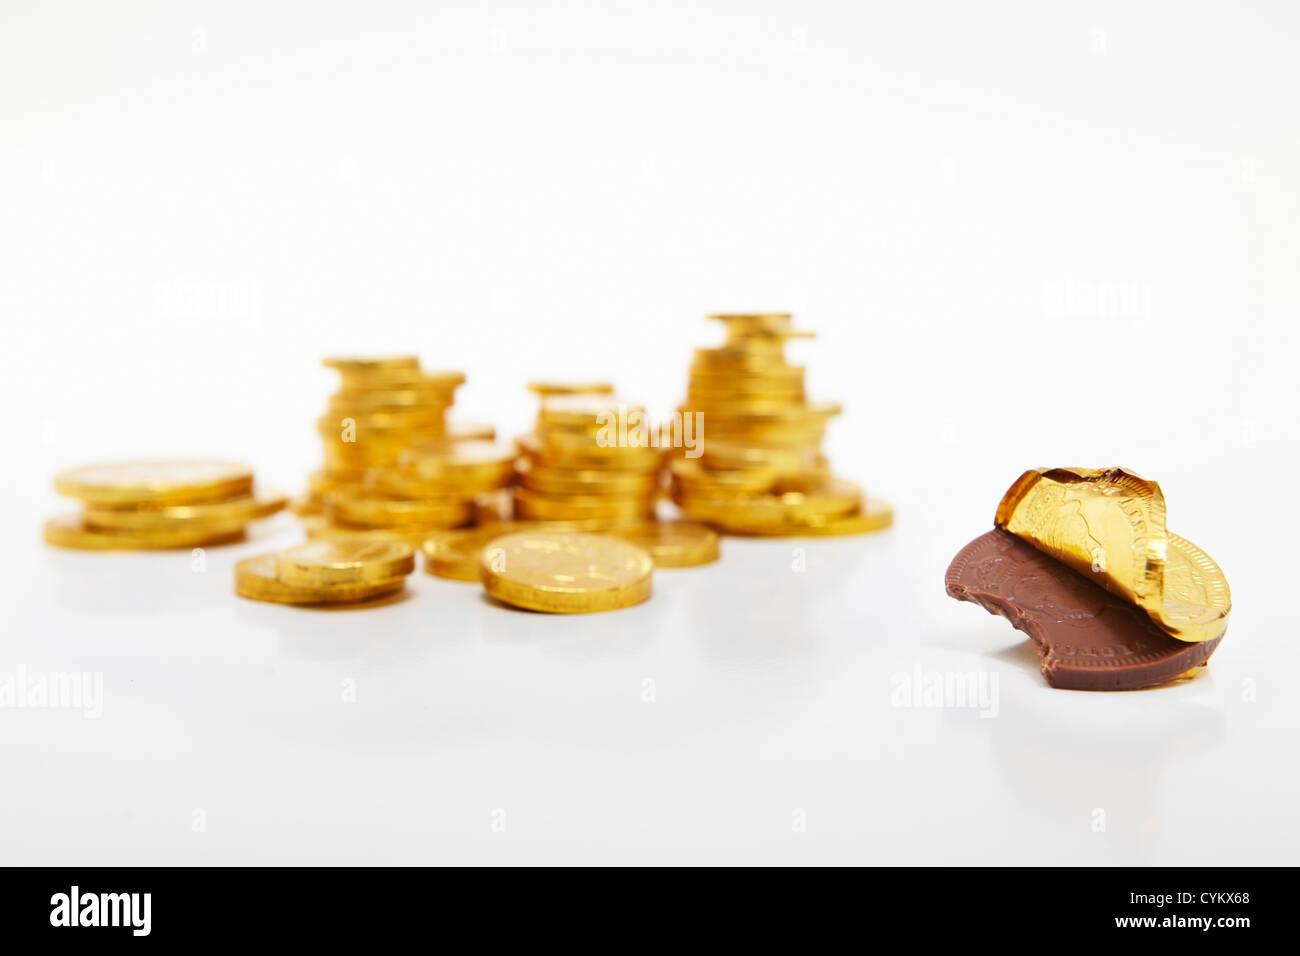 Pièce d'or chocolat non emballé Photo Stock